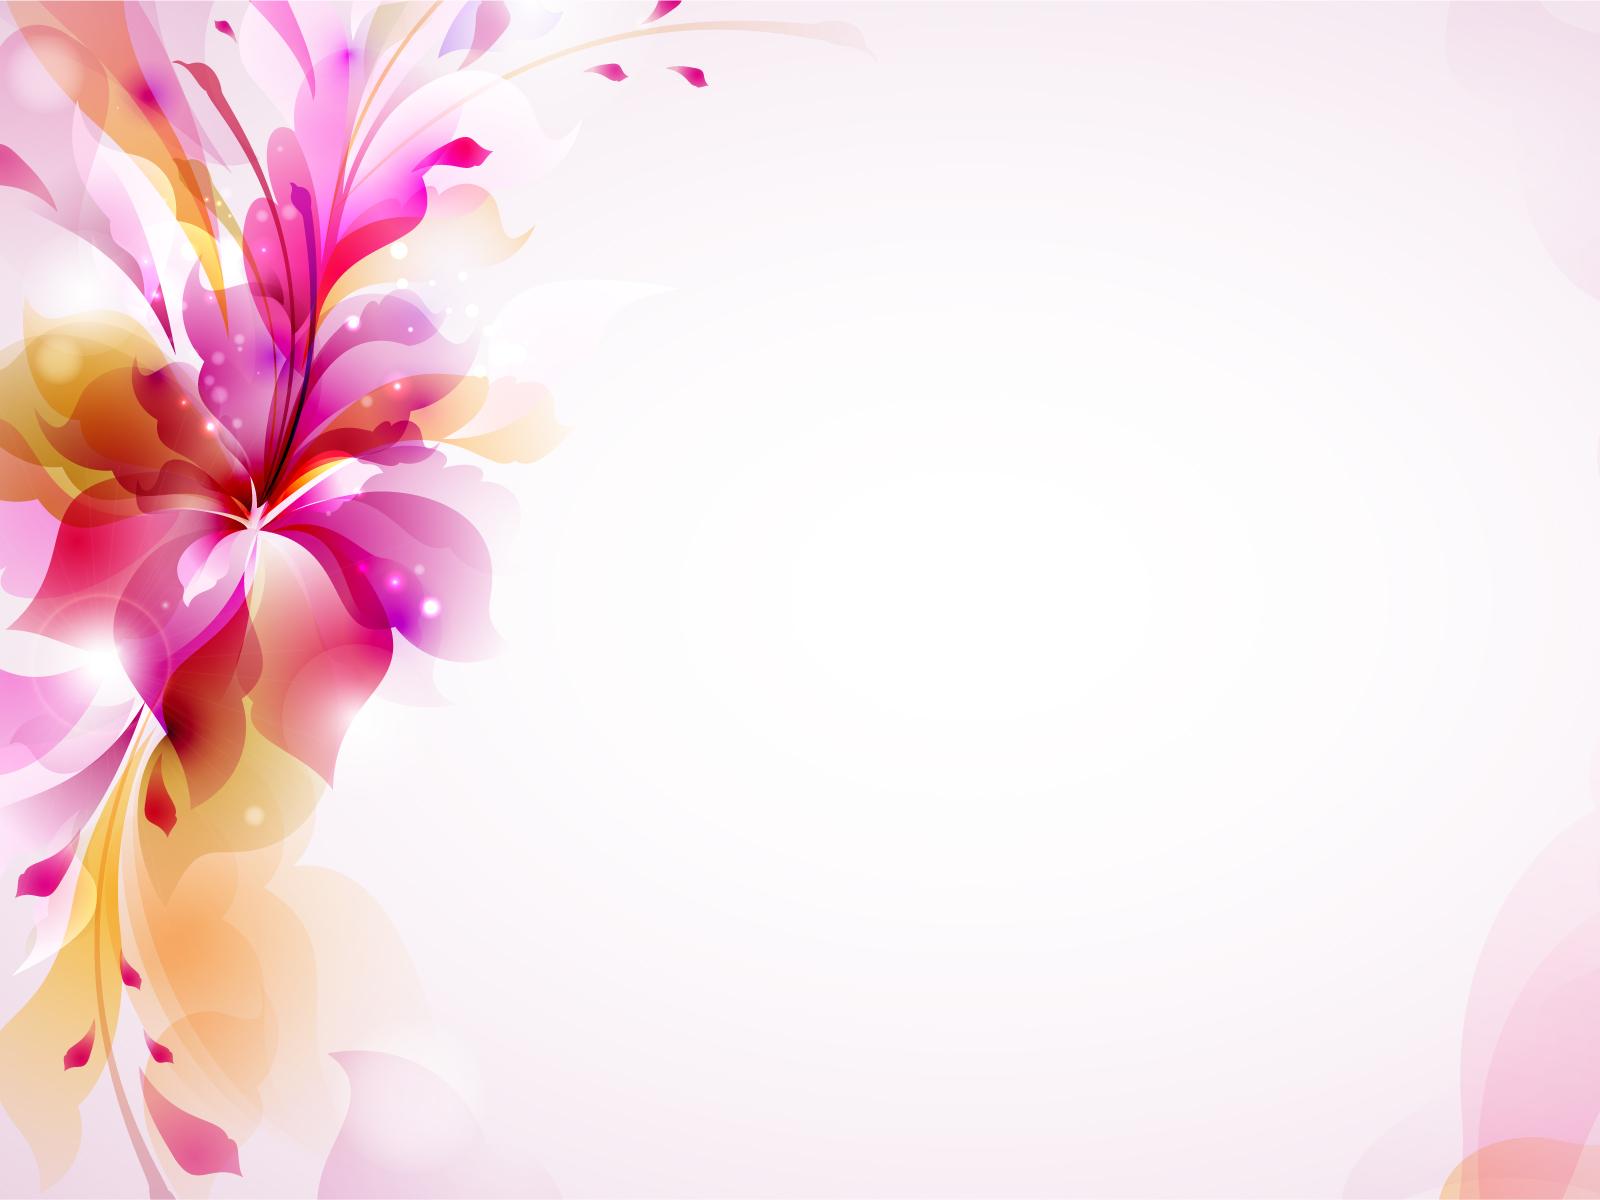 purple flower background design